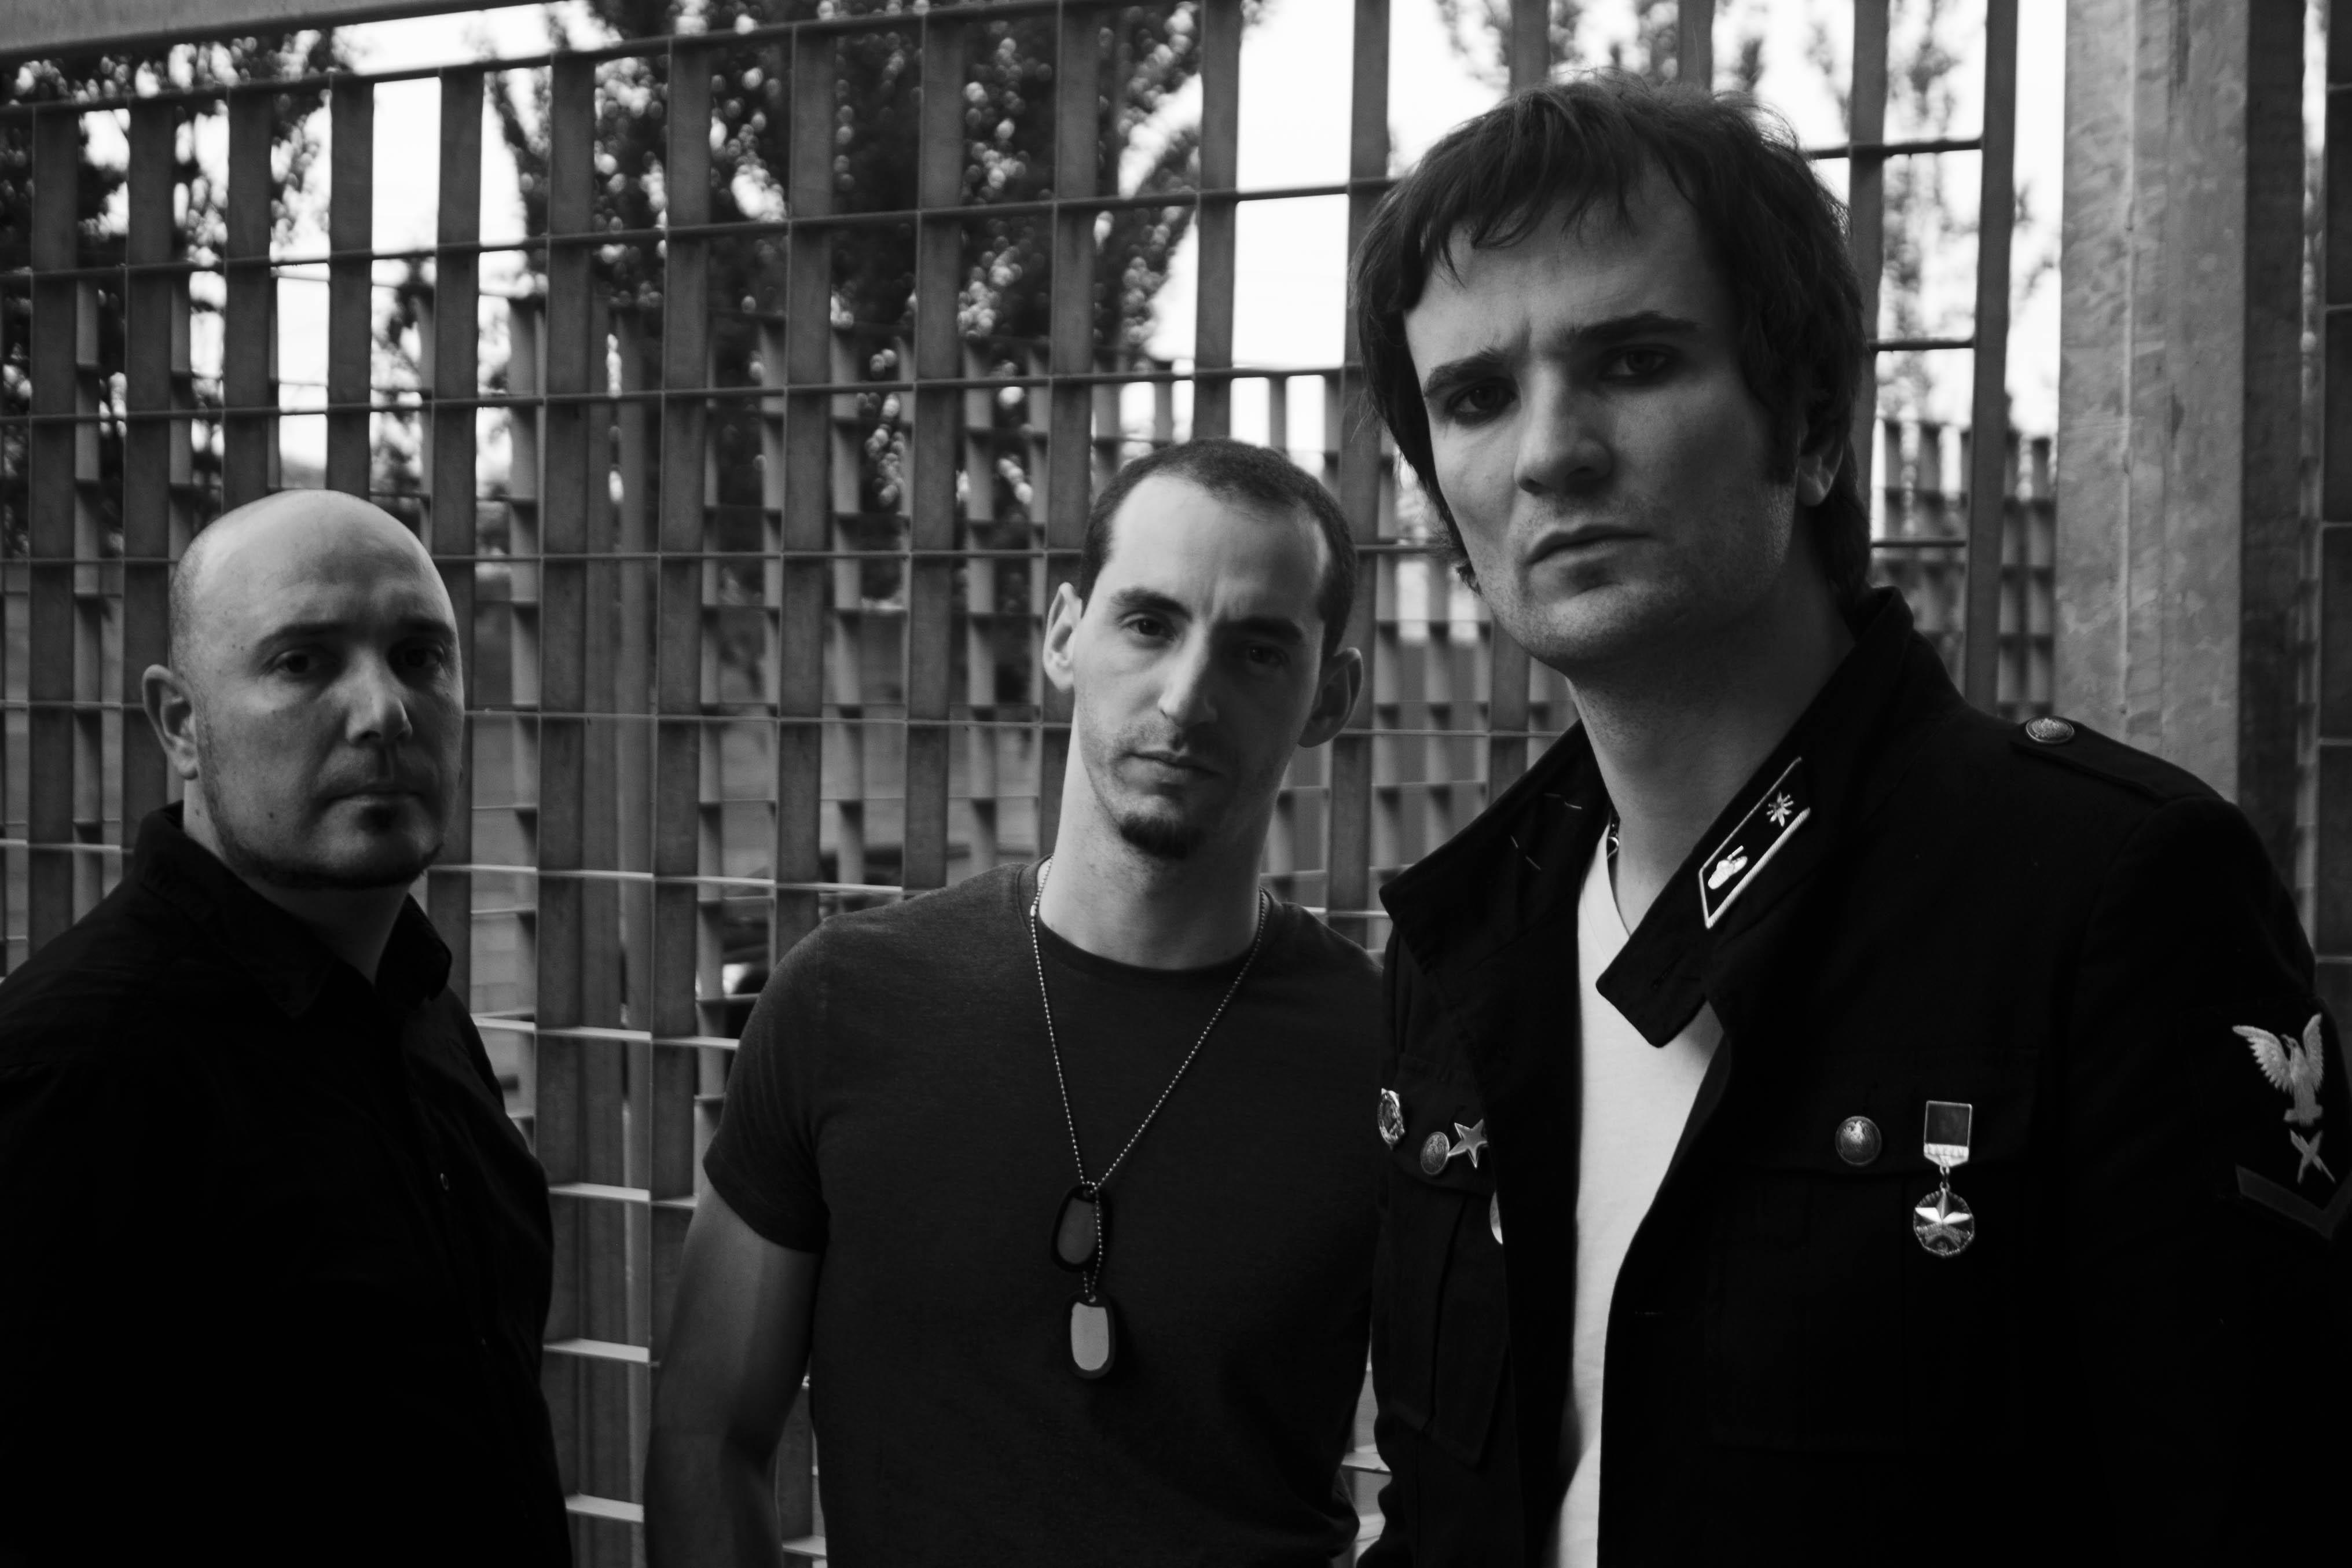 Fiesta concierto aniversario de The Diesel Dogs(y presentación del nuevo disco «Everything», Ghost Highway Recordings 2015), donde estarán acompañados por Yakuzas esteSábado 11 de Abril en la sala El Sol […]